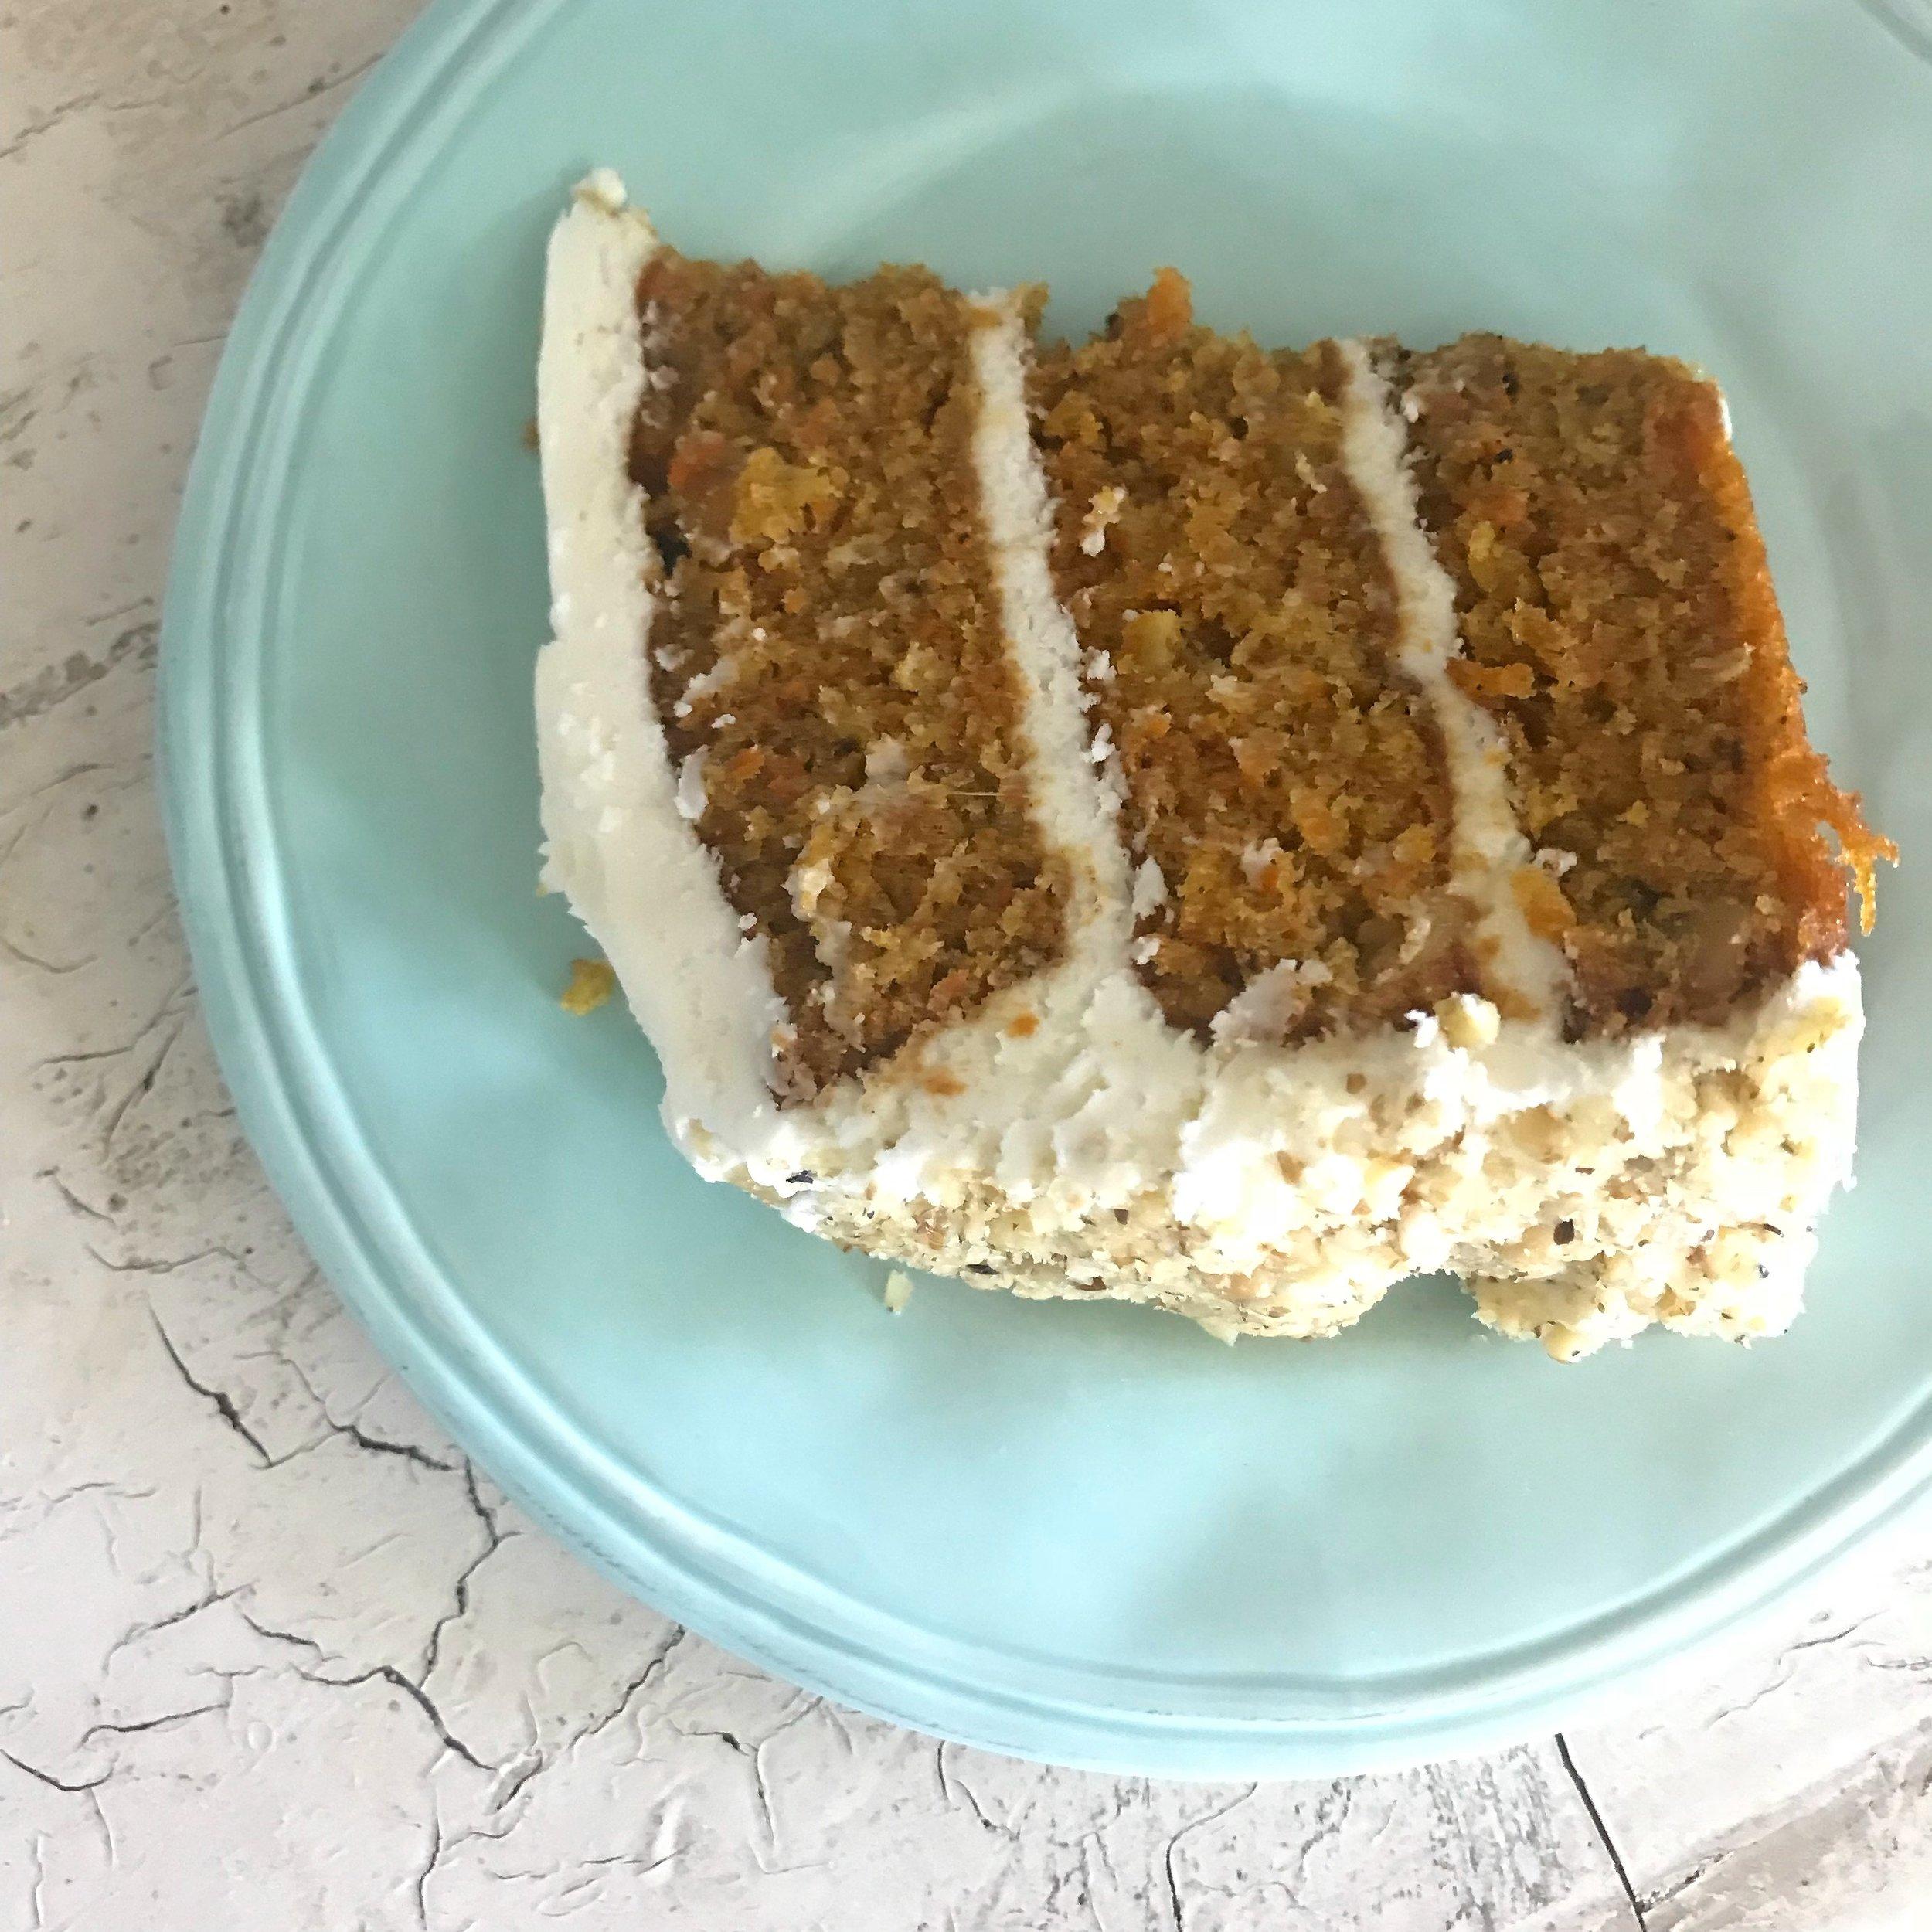 carrot cake 2.JPG